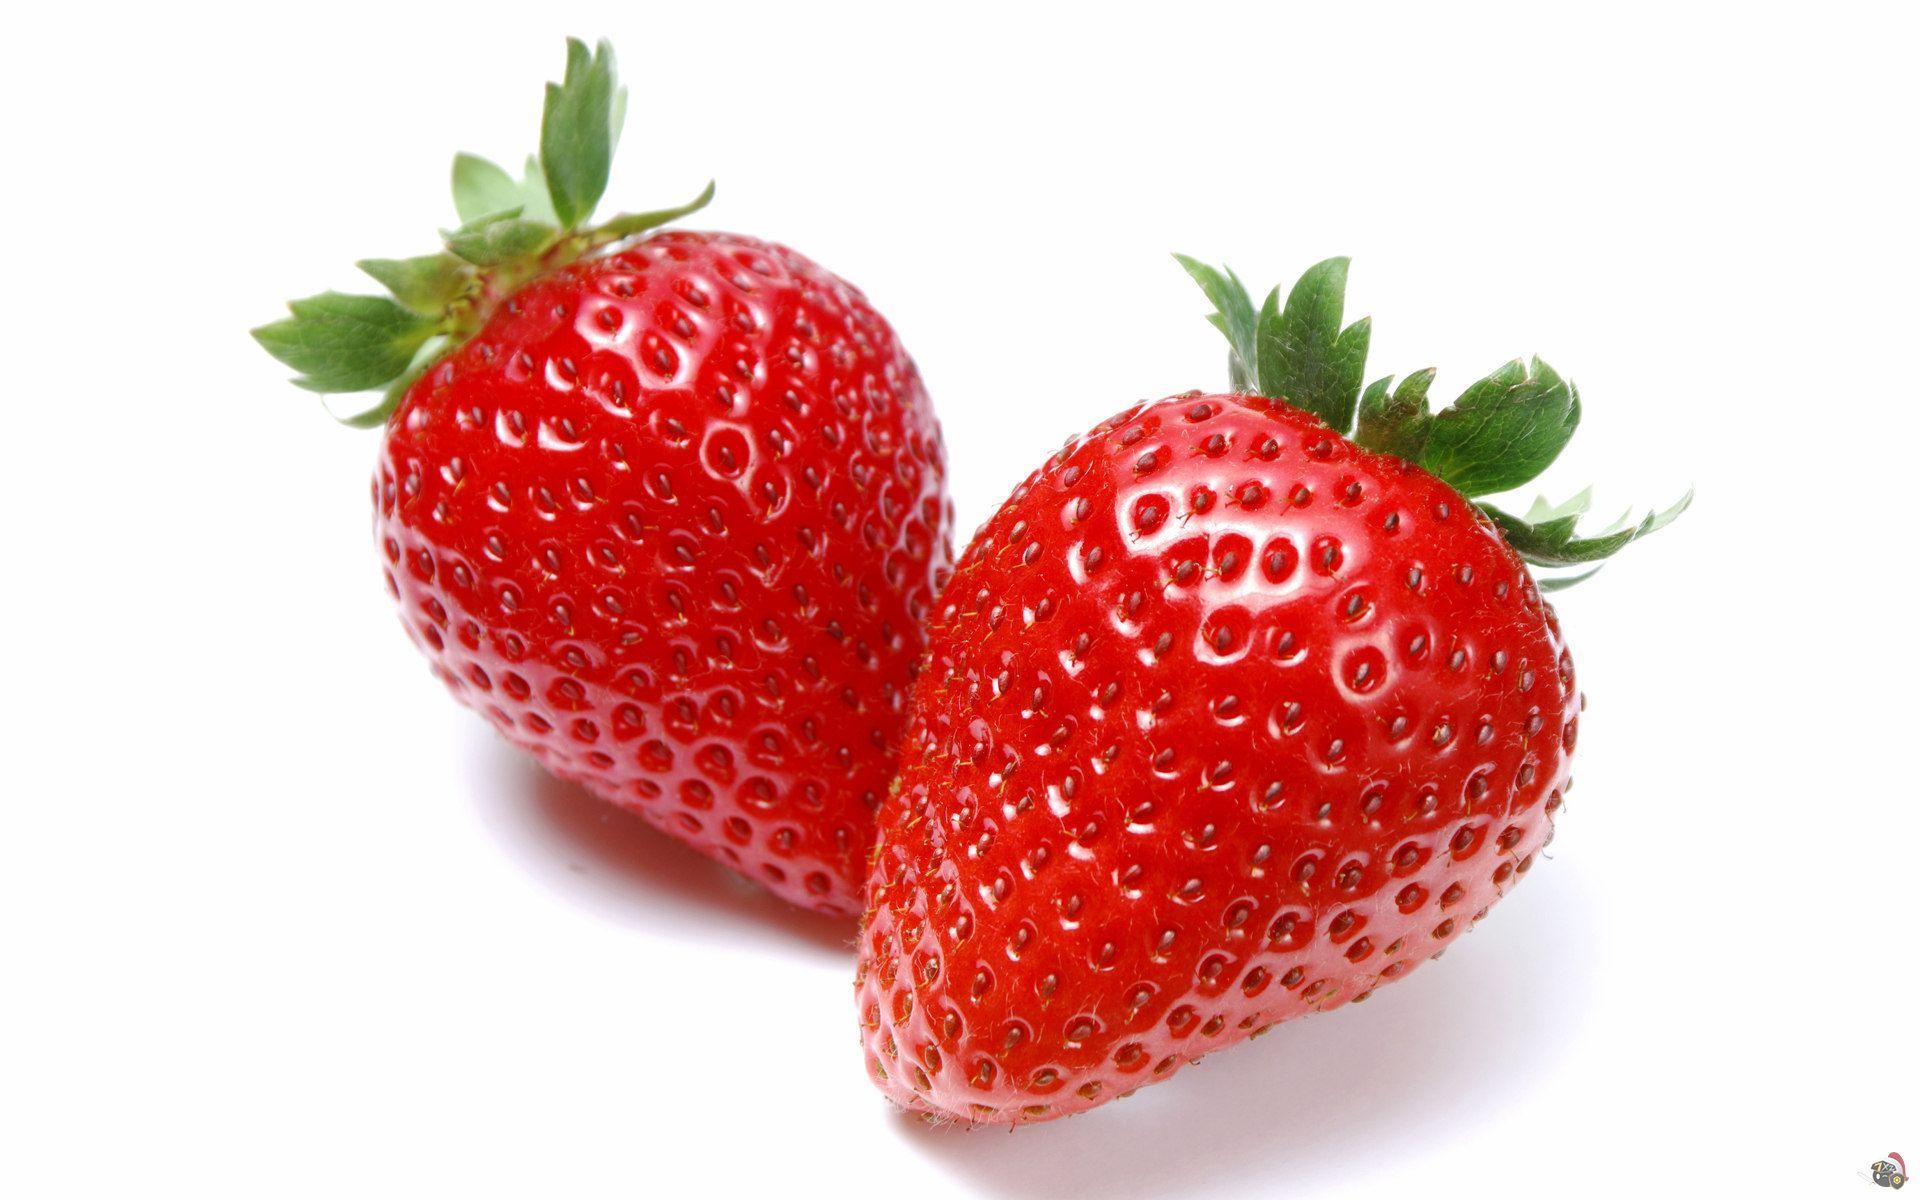 旧版本草莓视频下载深夜